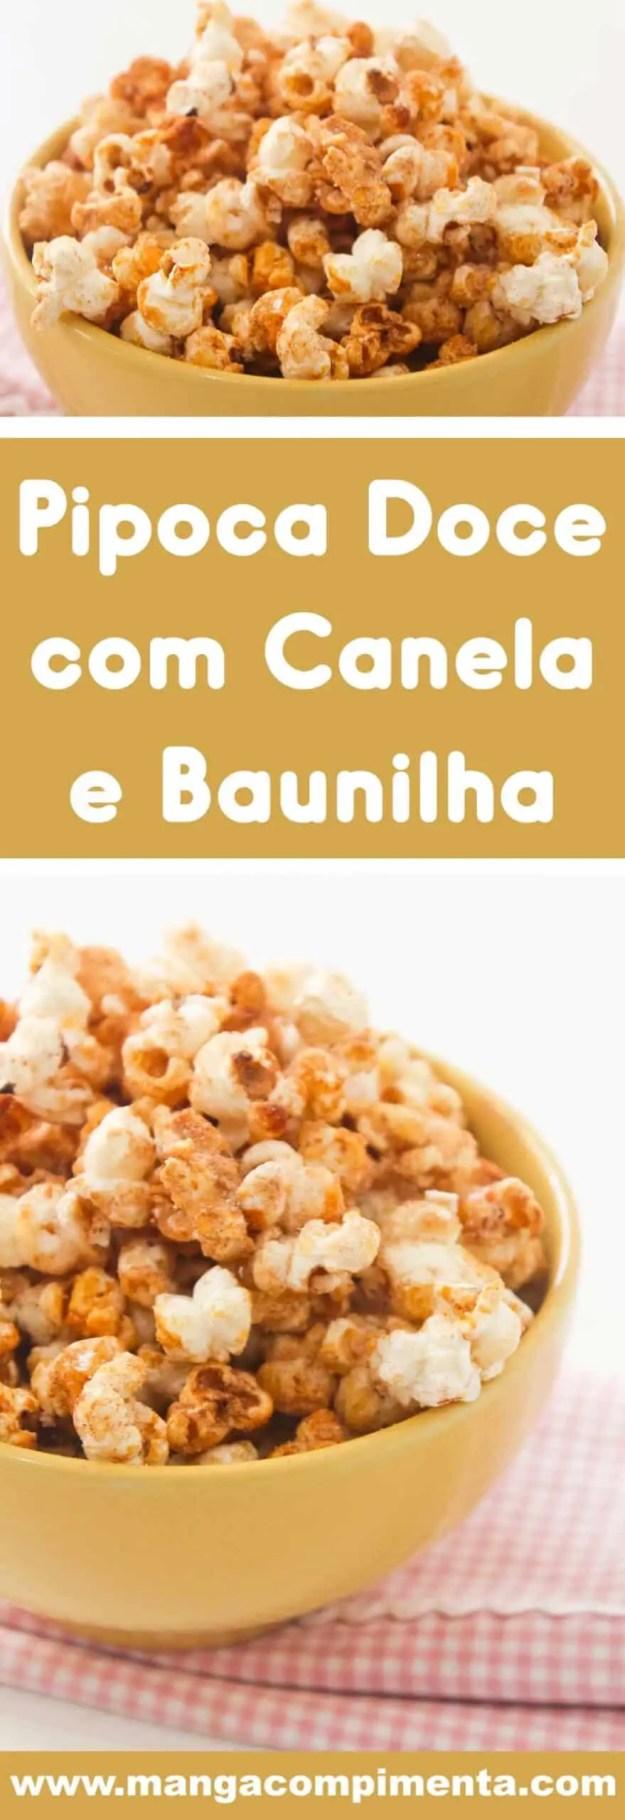 Receita de Pipoca Doce com Canela e Baunilha - lanche delicioso para assistir um filme na televisão.